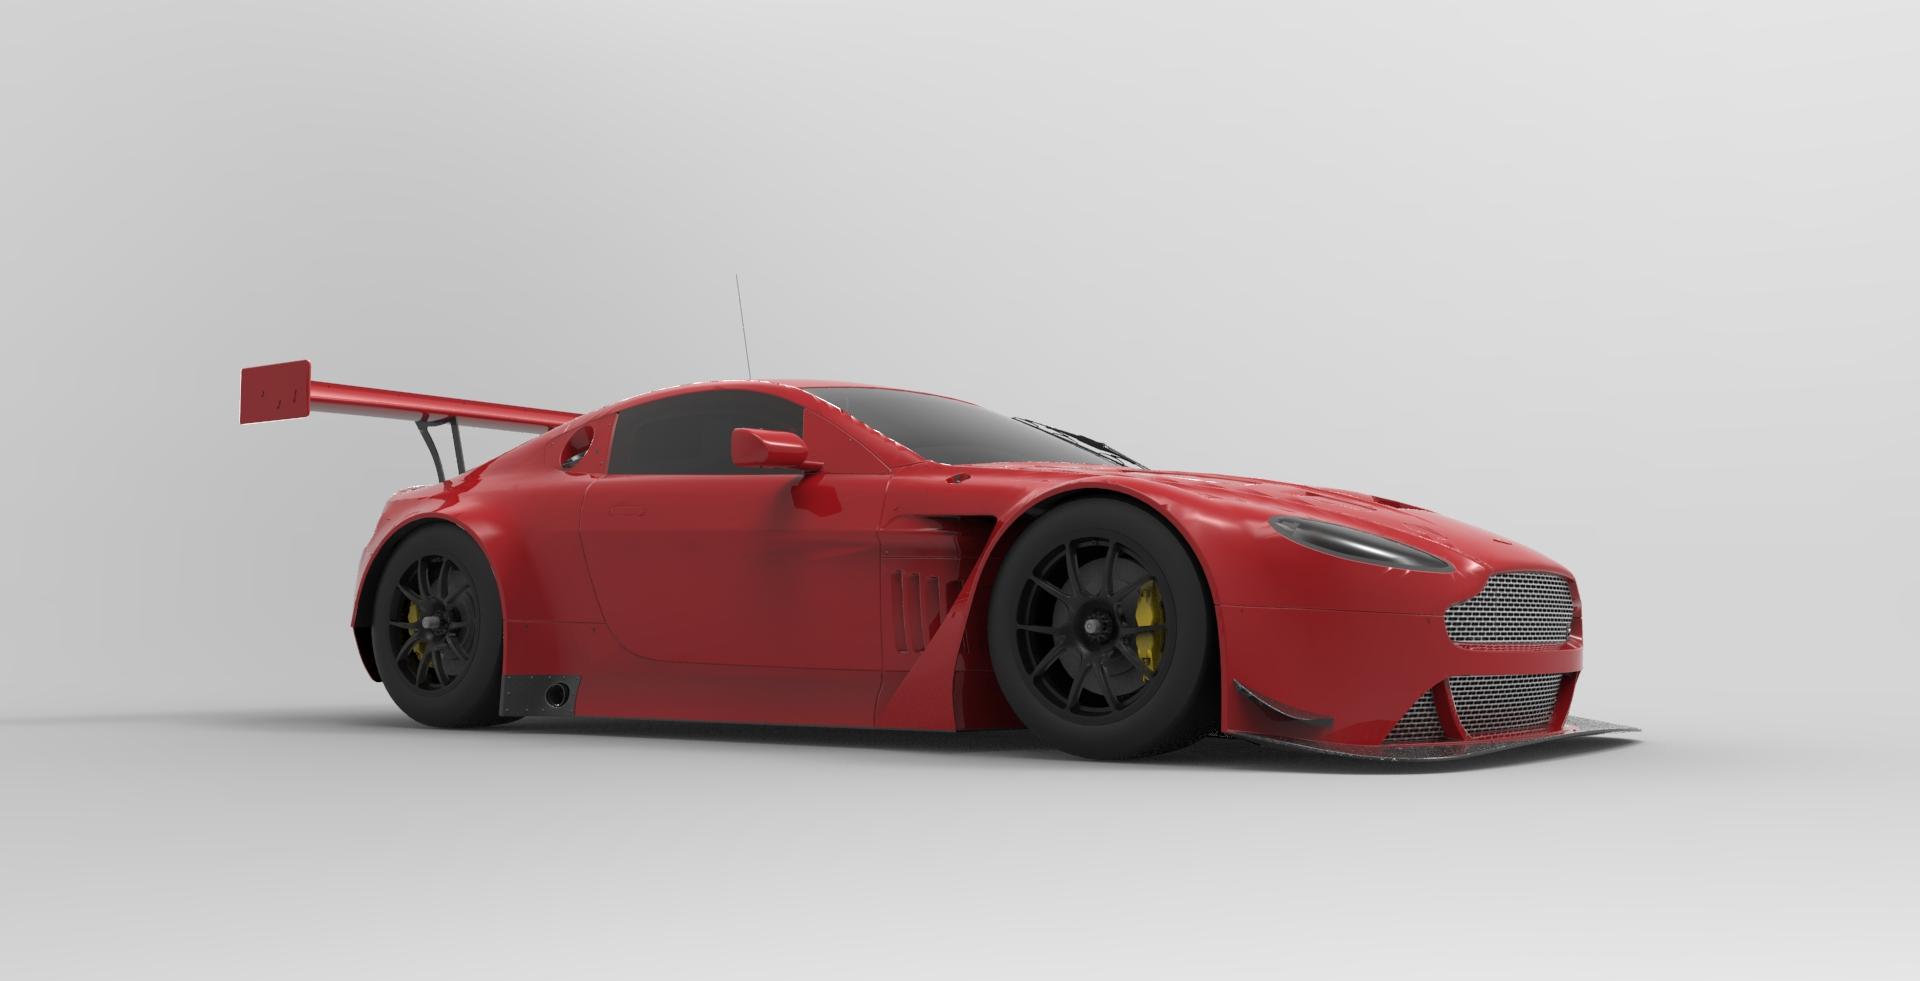 ... 2014 Aston Martin V12 Vantage GT3 By Nunca15